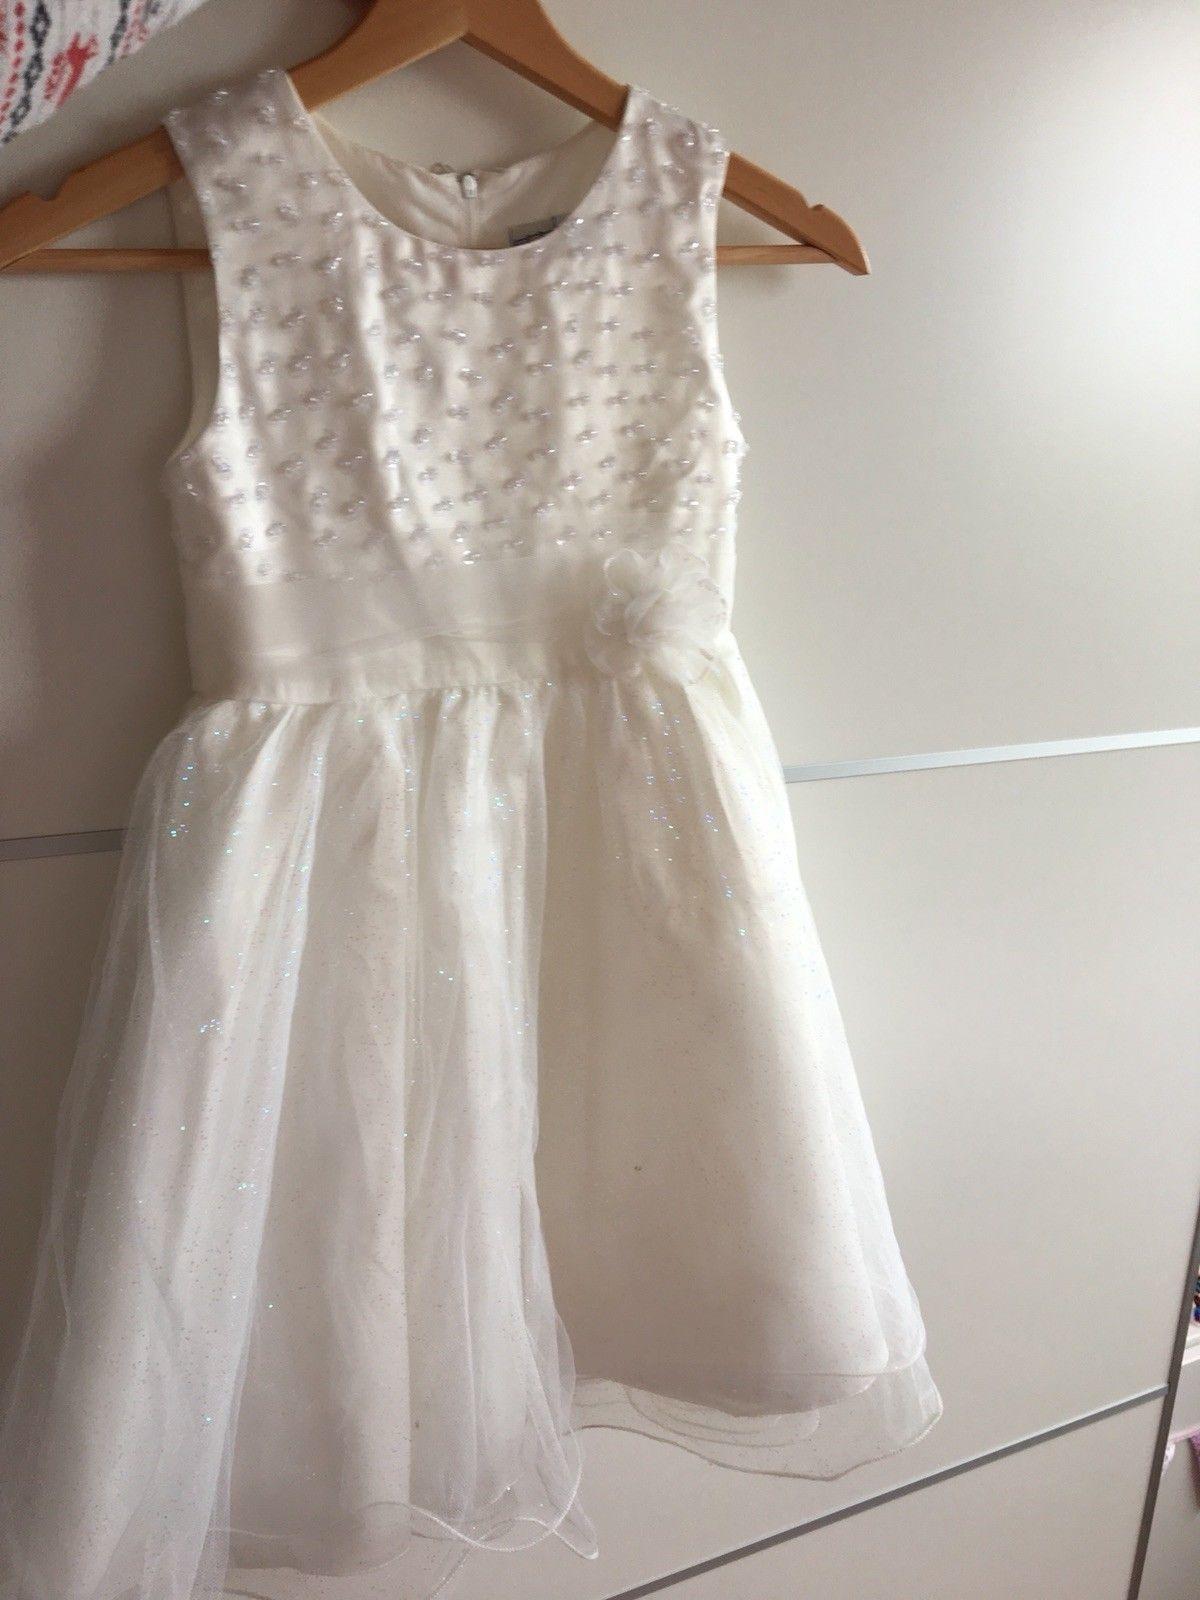 Schön Weißes Glitzer Kleid SpezialgebietAbend Leicht Weißes Glitzer Kleid Spezialgebiet